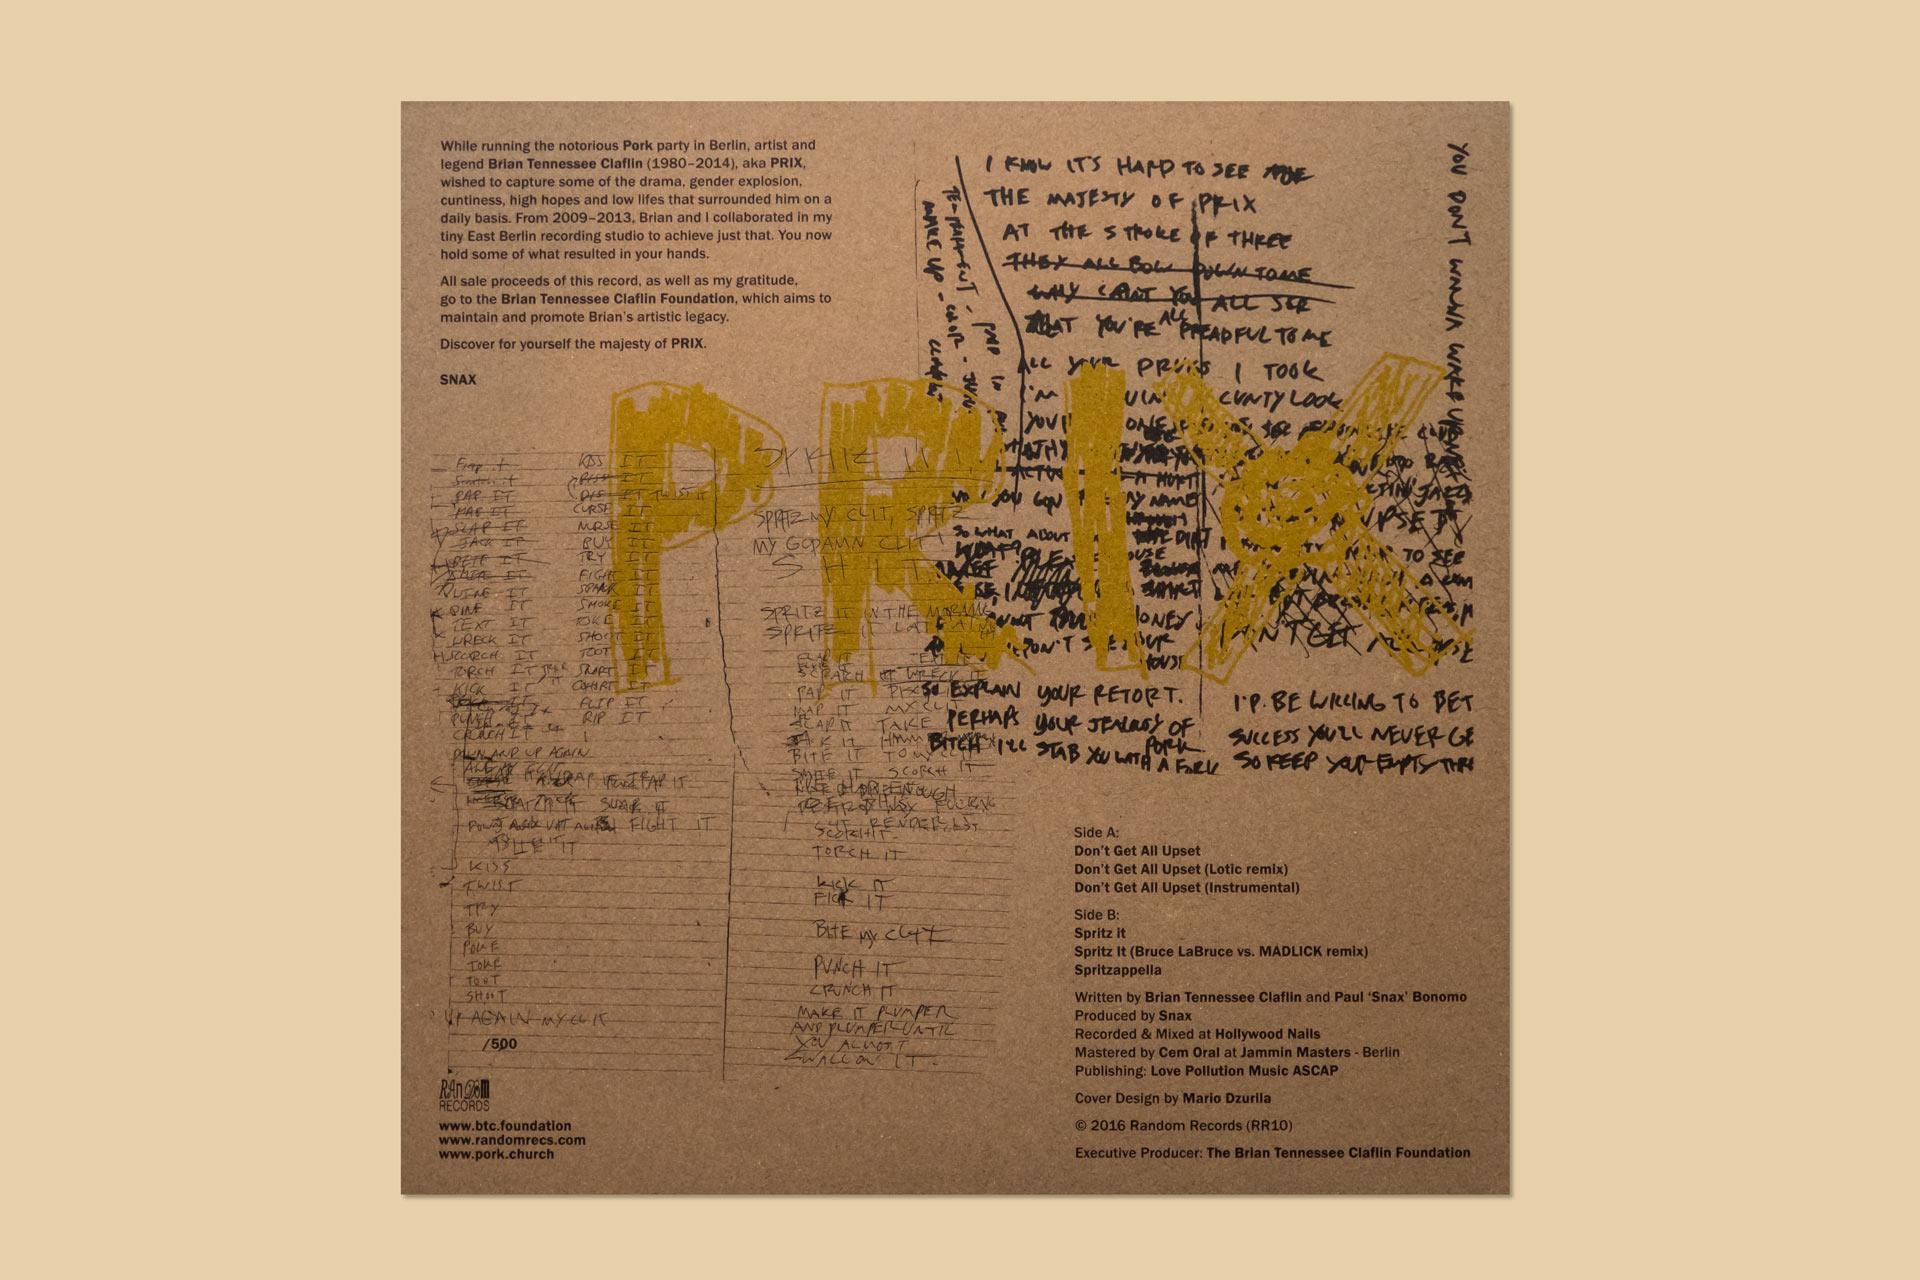 Mario Dzurila Vinyl LP Cover Design PRIX Lotic MADLICK Bruce LaBruce